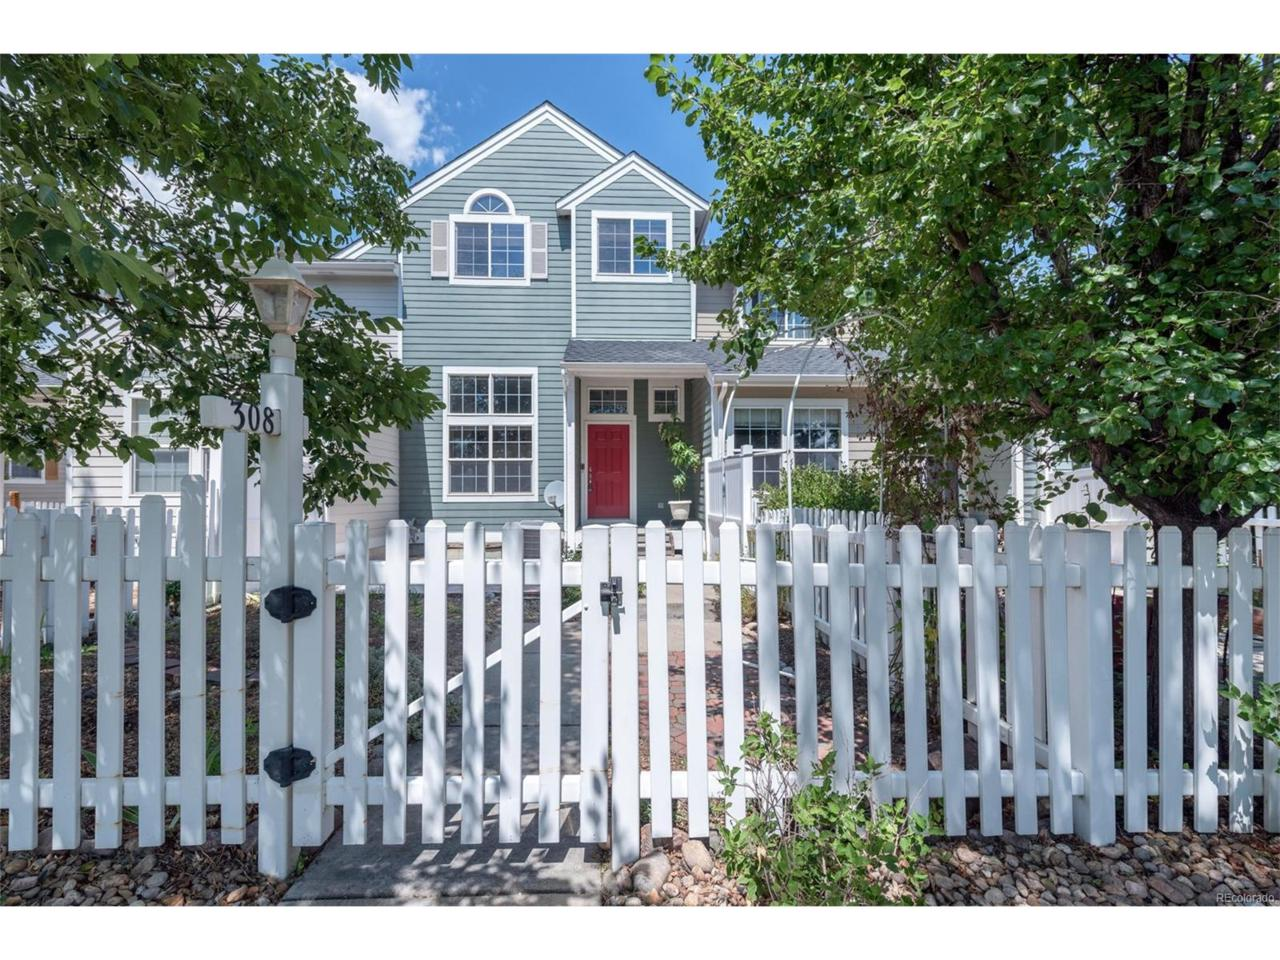 308 Jasper Peak Court, Lafayette, CO 80026 (MLS #8663254) :: 8z Real Estate